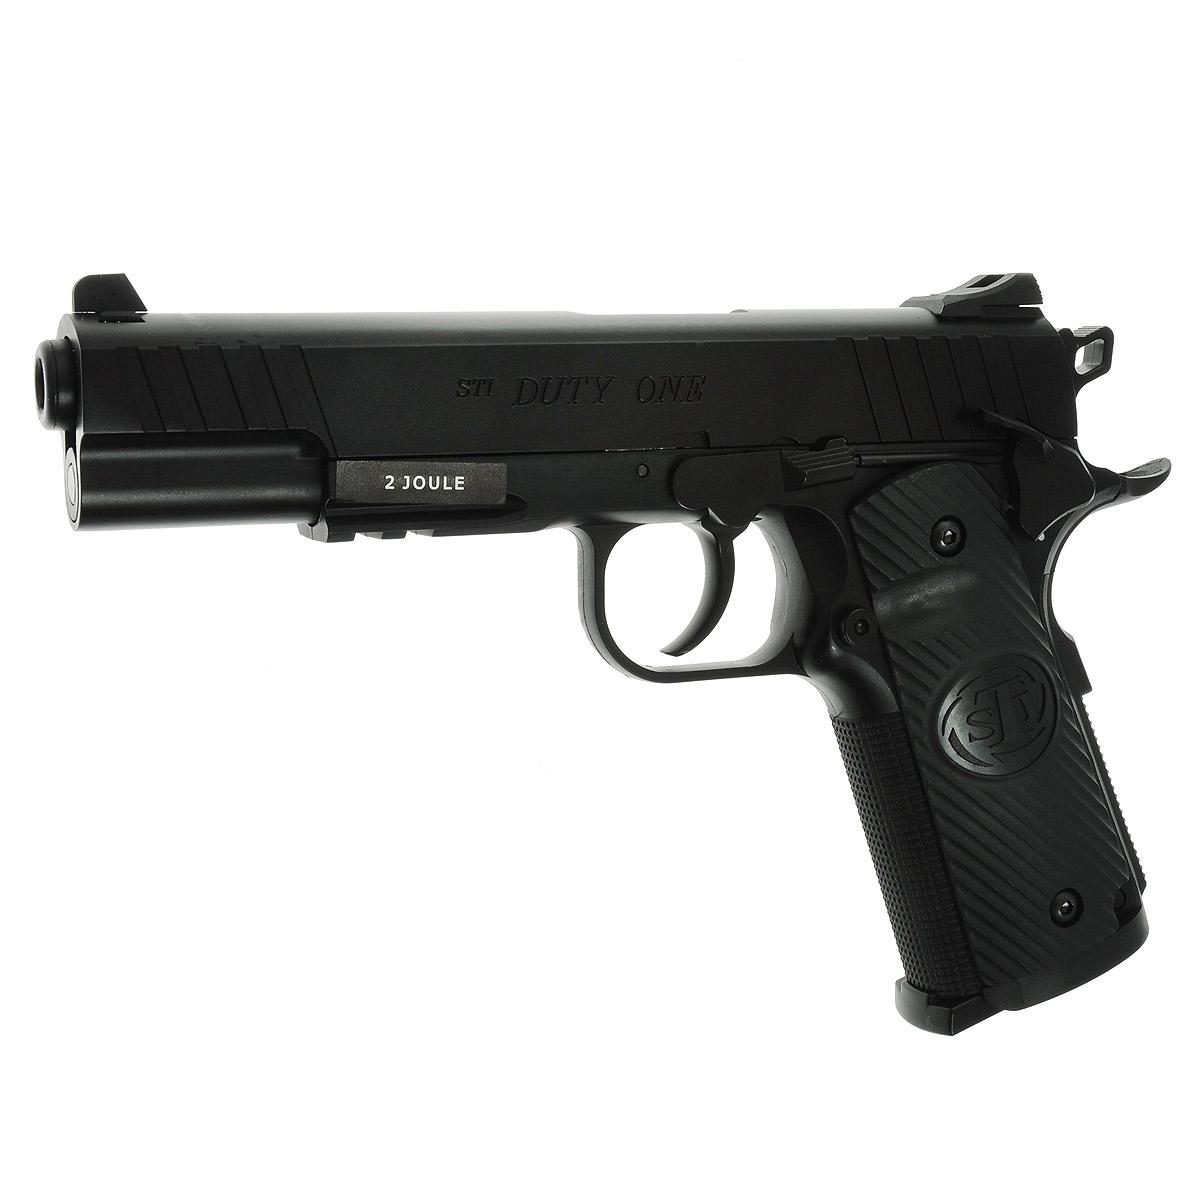 ASG STI Duty One пистолет страйкбольный, CO2, 6 мм (16722)16722Страйкбольный пистолет - римейк известной классической модели Colt M1911 - STI Duty One, производимый по лицензии американской компании STI,c максимальной имитацией функционирования всех подвижных частей - подвижный металлический затвор, предварительный взвод курка, регулируемый целик, планка Вивера под стволом для крепления фонаря и ЛЦУ. Версия неблоубэк (при стрельбе затвор неподвижен).Имеет аутентичную маркировку и уникальный серийный номер Баллон CO2 размещается в рукоятке Ствол имеет резьбу для установки реплики глушителя Рукоятка имеет развитый упор хвост бобра Общая длина – 186 мм Калибр – 6 мм Баллон - 12 г СО2 Дульная энергия - до 1,8 Джоулей Емкость магазина – 16 шариков Тип УСМ - Одинарного действия Уважаемые покупатели, при использовании пневматики соблюдайте технику безопасности: храните в разряженном состоянии в местах недоступных для детей, не направляйте на людей и животных, при стрельбе следите...